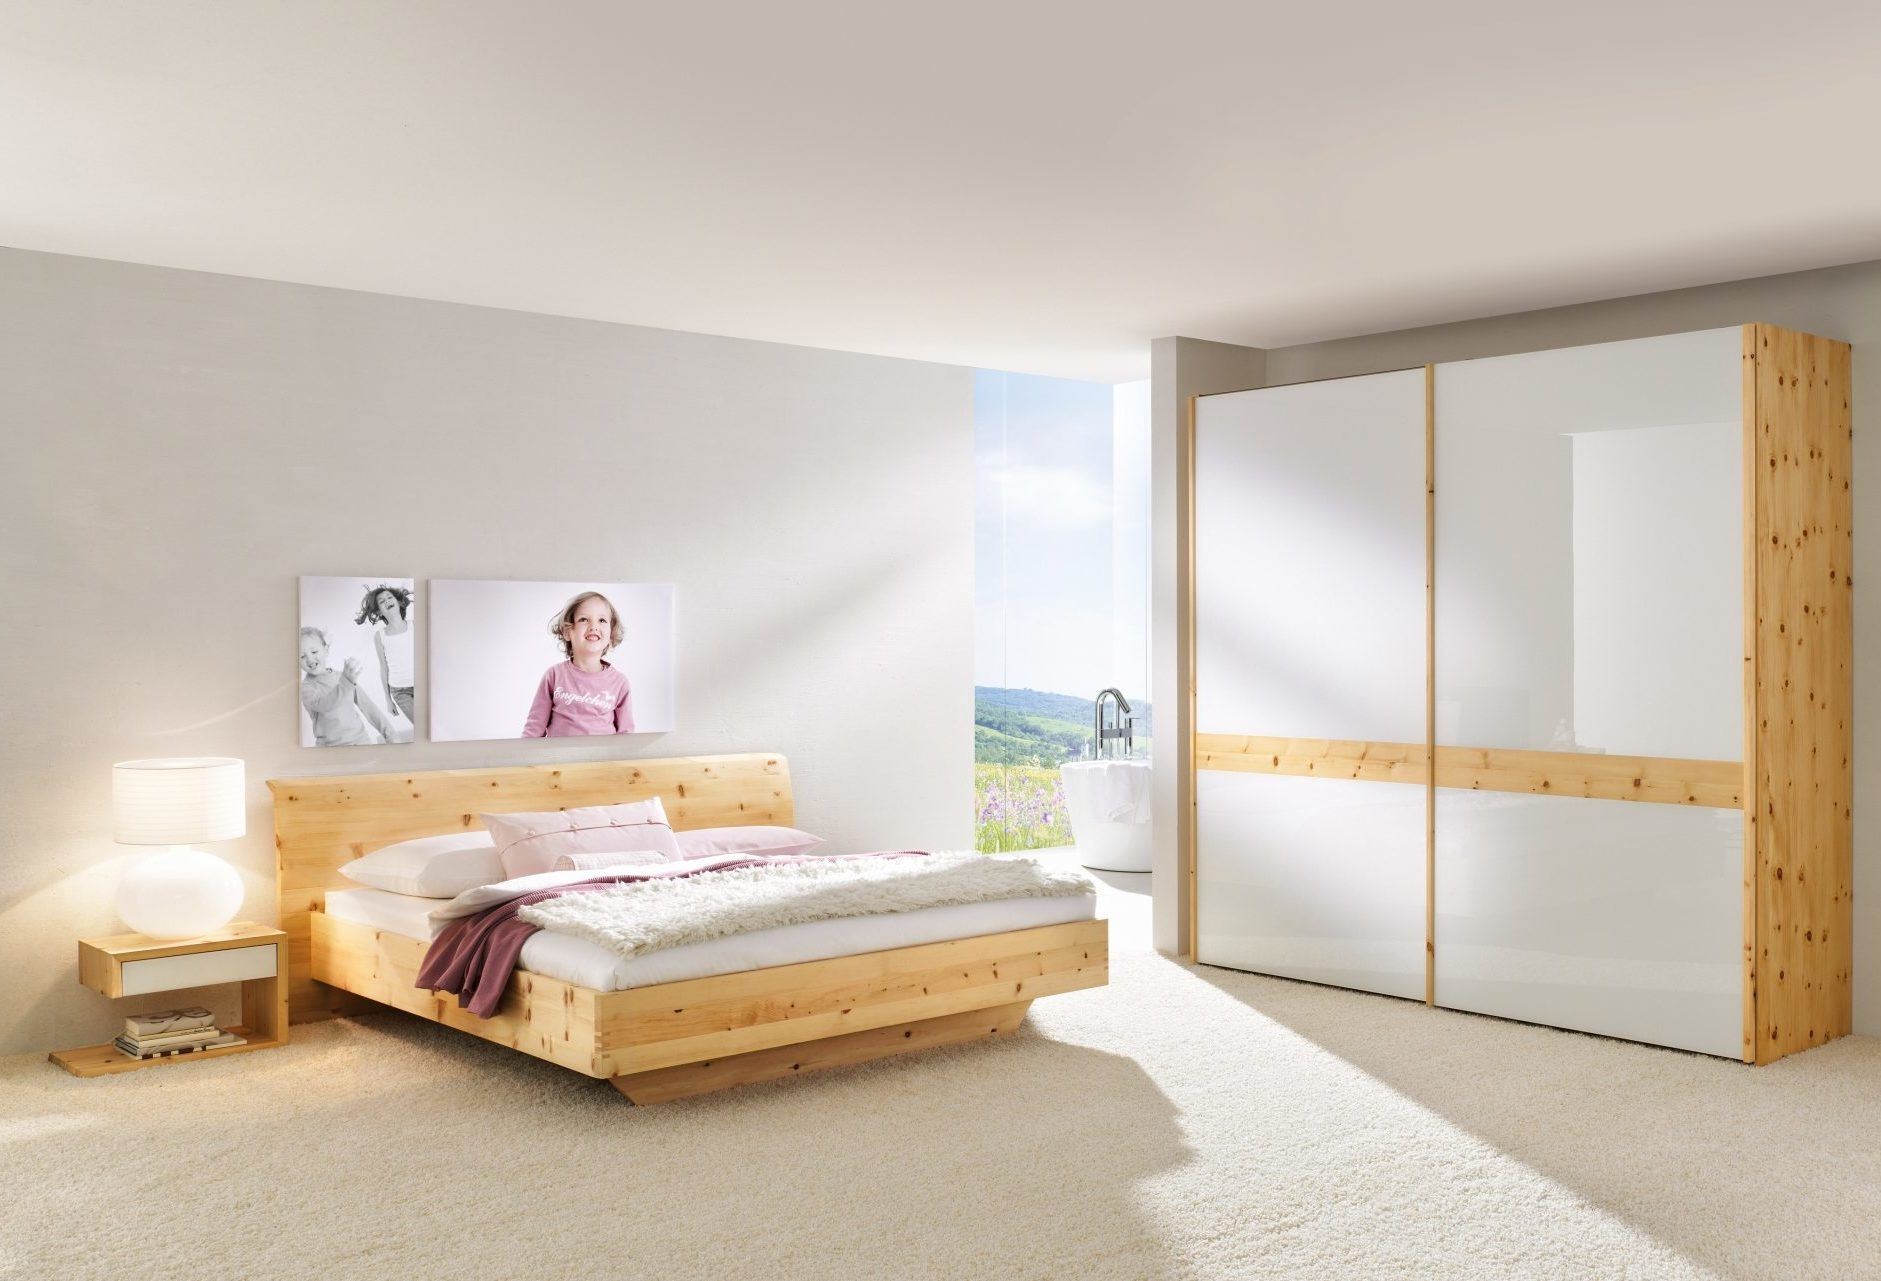 schlafzimmer rio mit glas in zirbe ko control. Black Bedroom Furniture Sets. Home Design Ideas